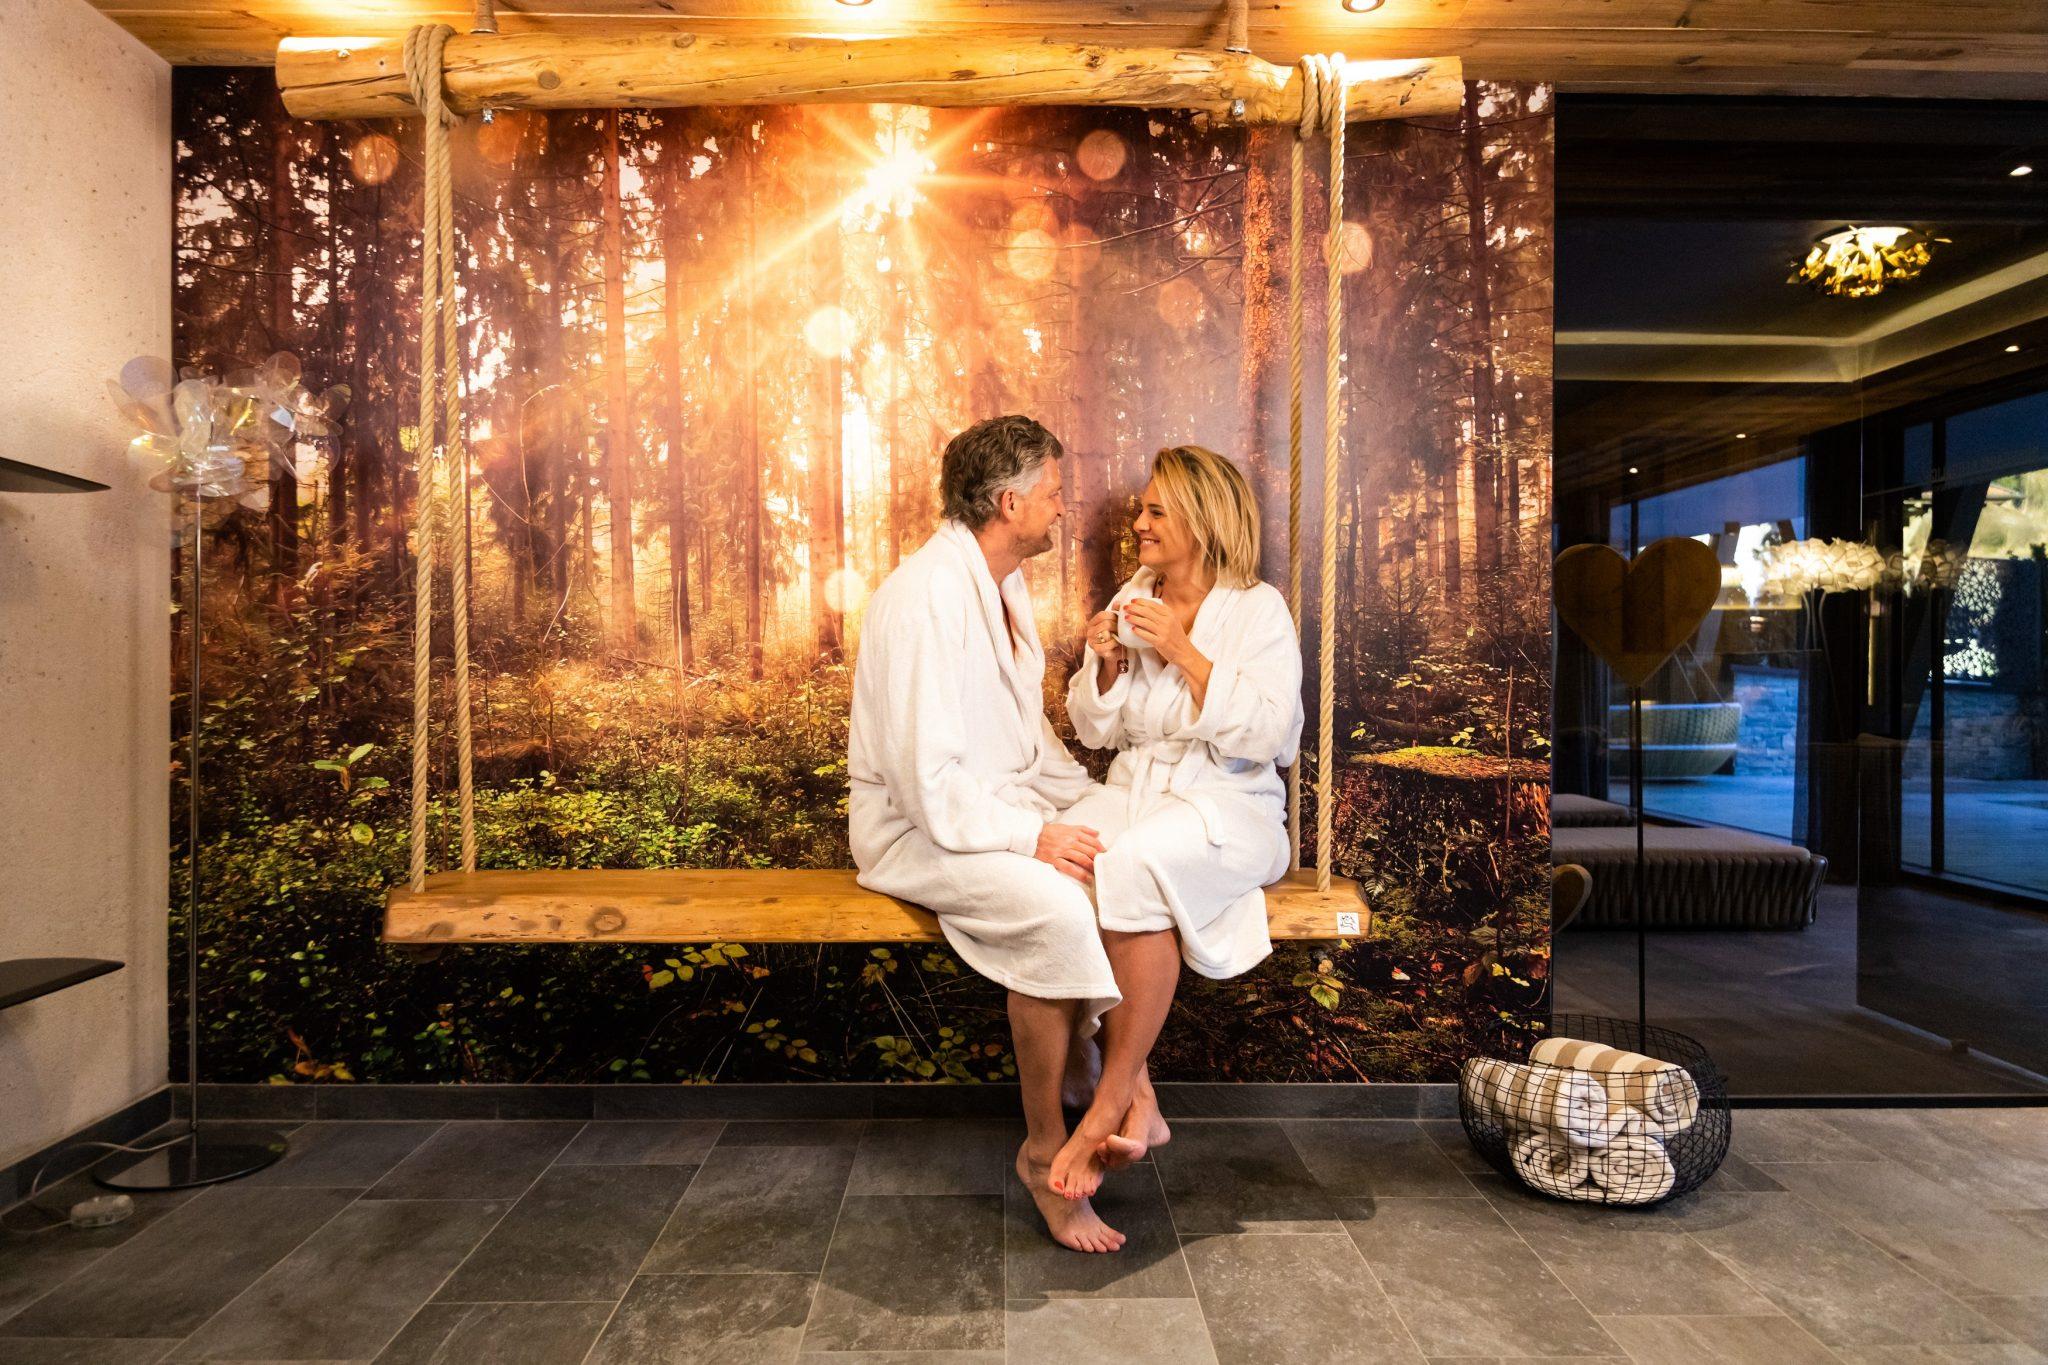 romantische_wellness-auszeit_hotel_gassner